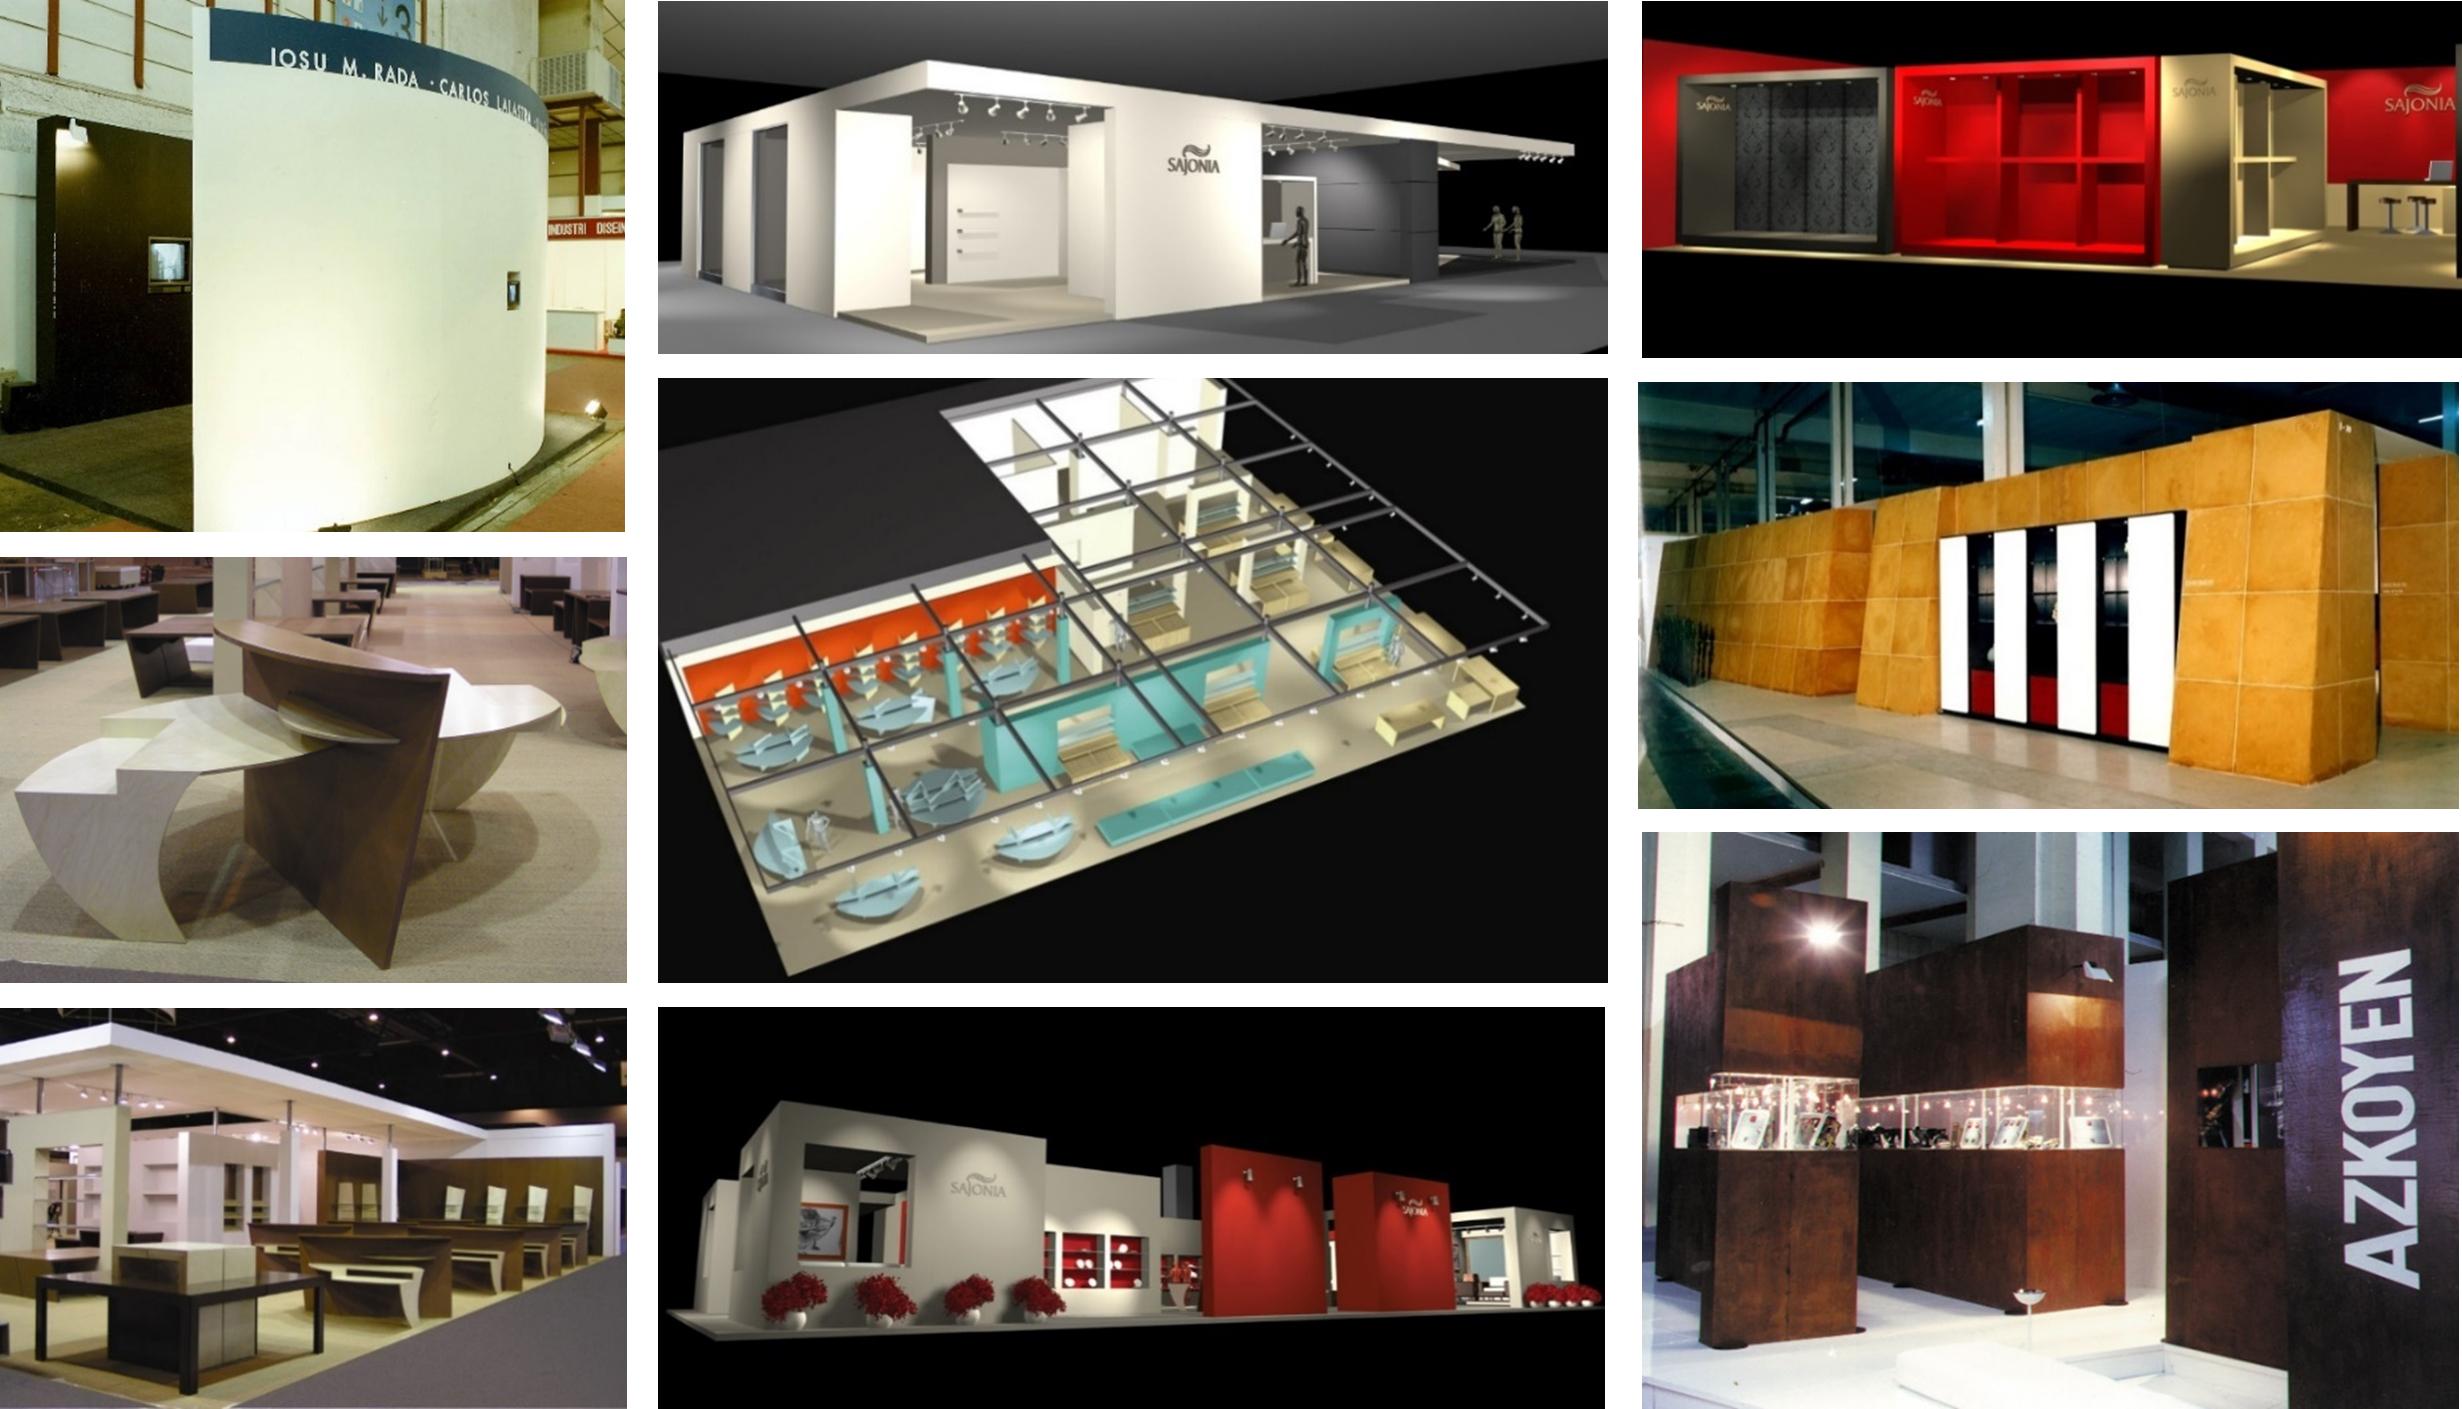 Dise o expositivo stands y arquitectura efimeraiosu rada - Diseno y arquitectura ...